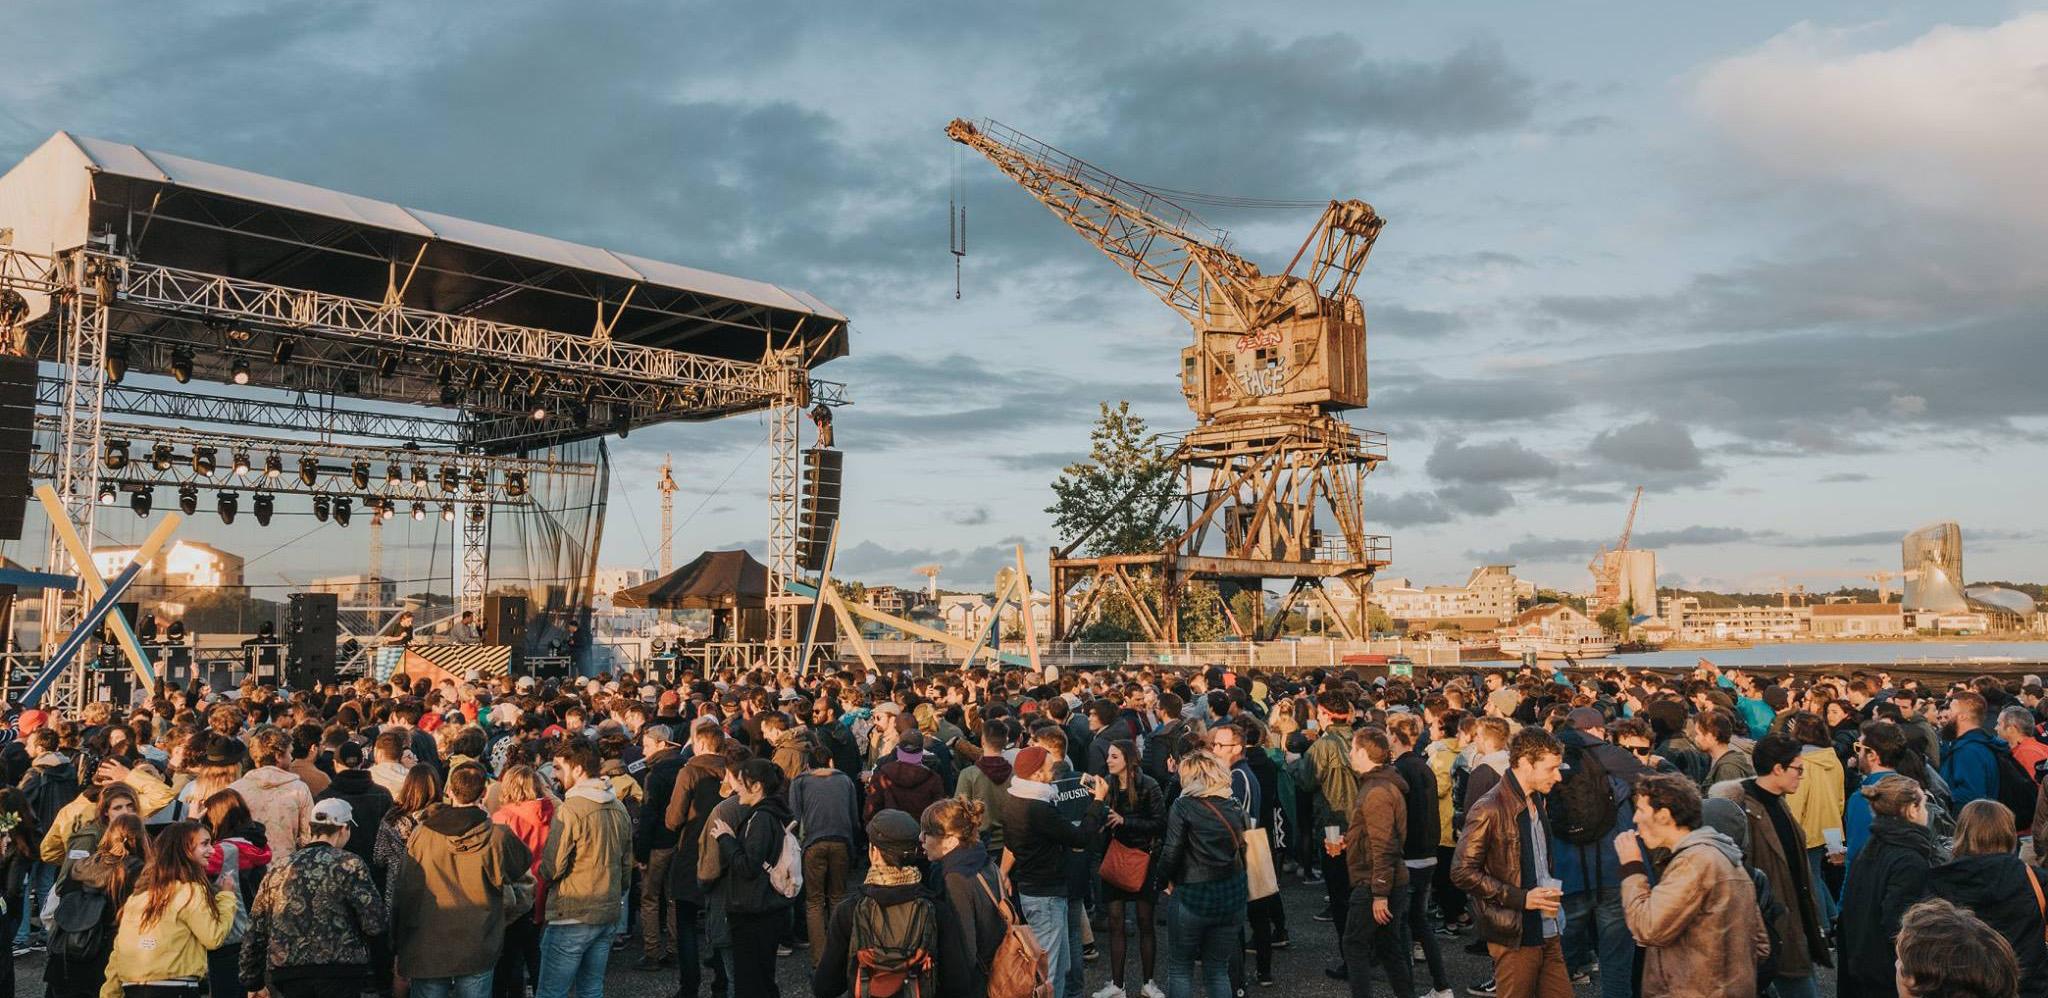 Demi-finales du TOP14, Festival et Foire : un week-end animé en prévision